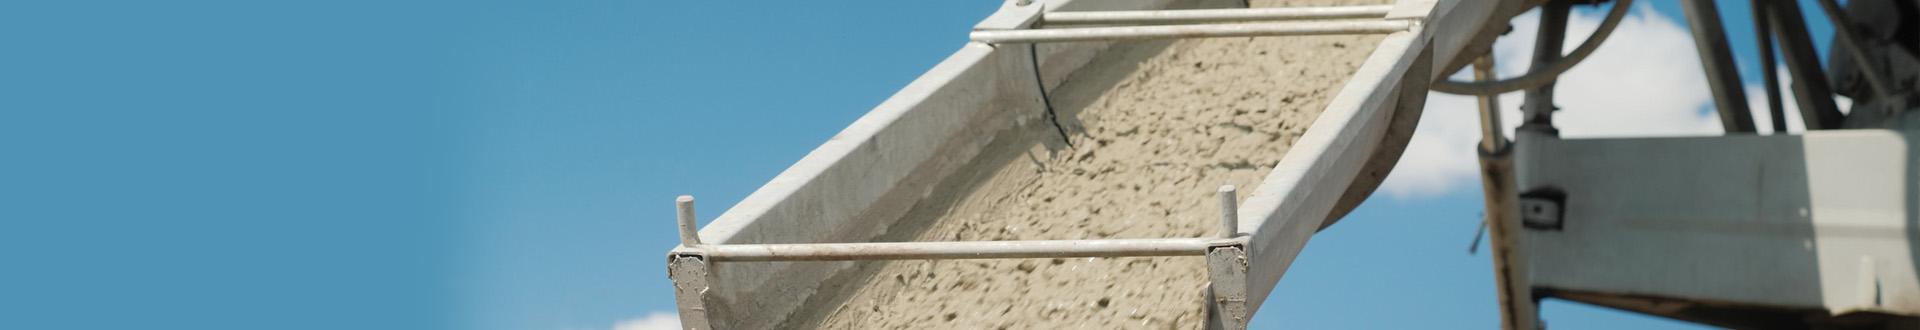 Rynna betoniarki